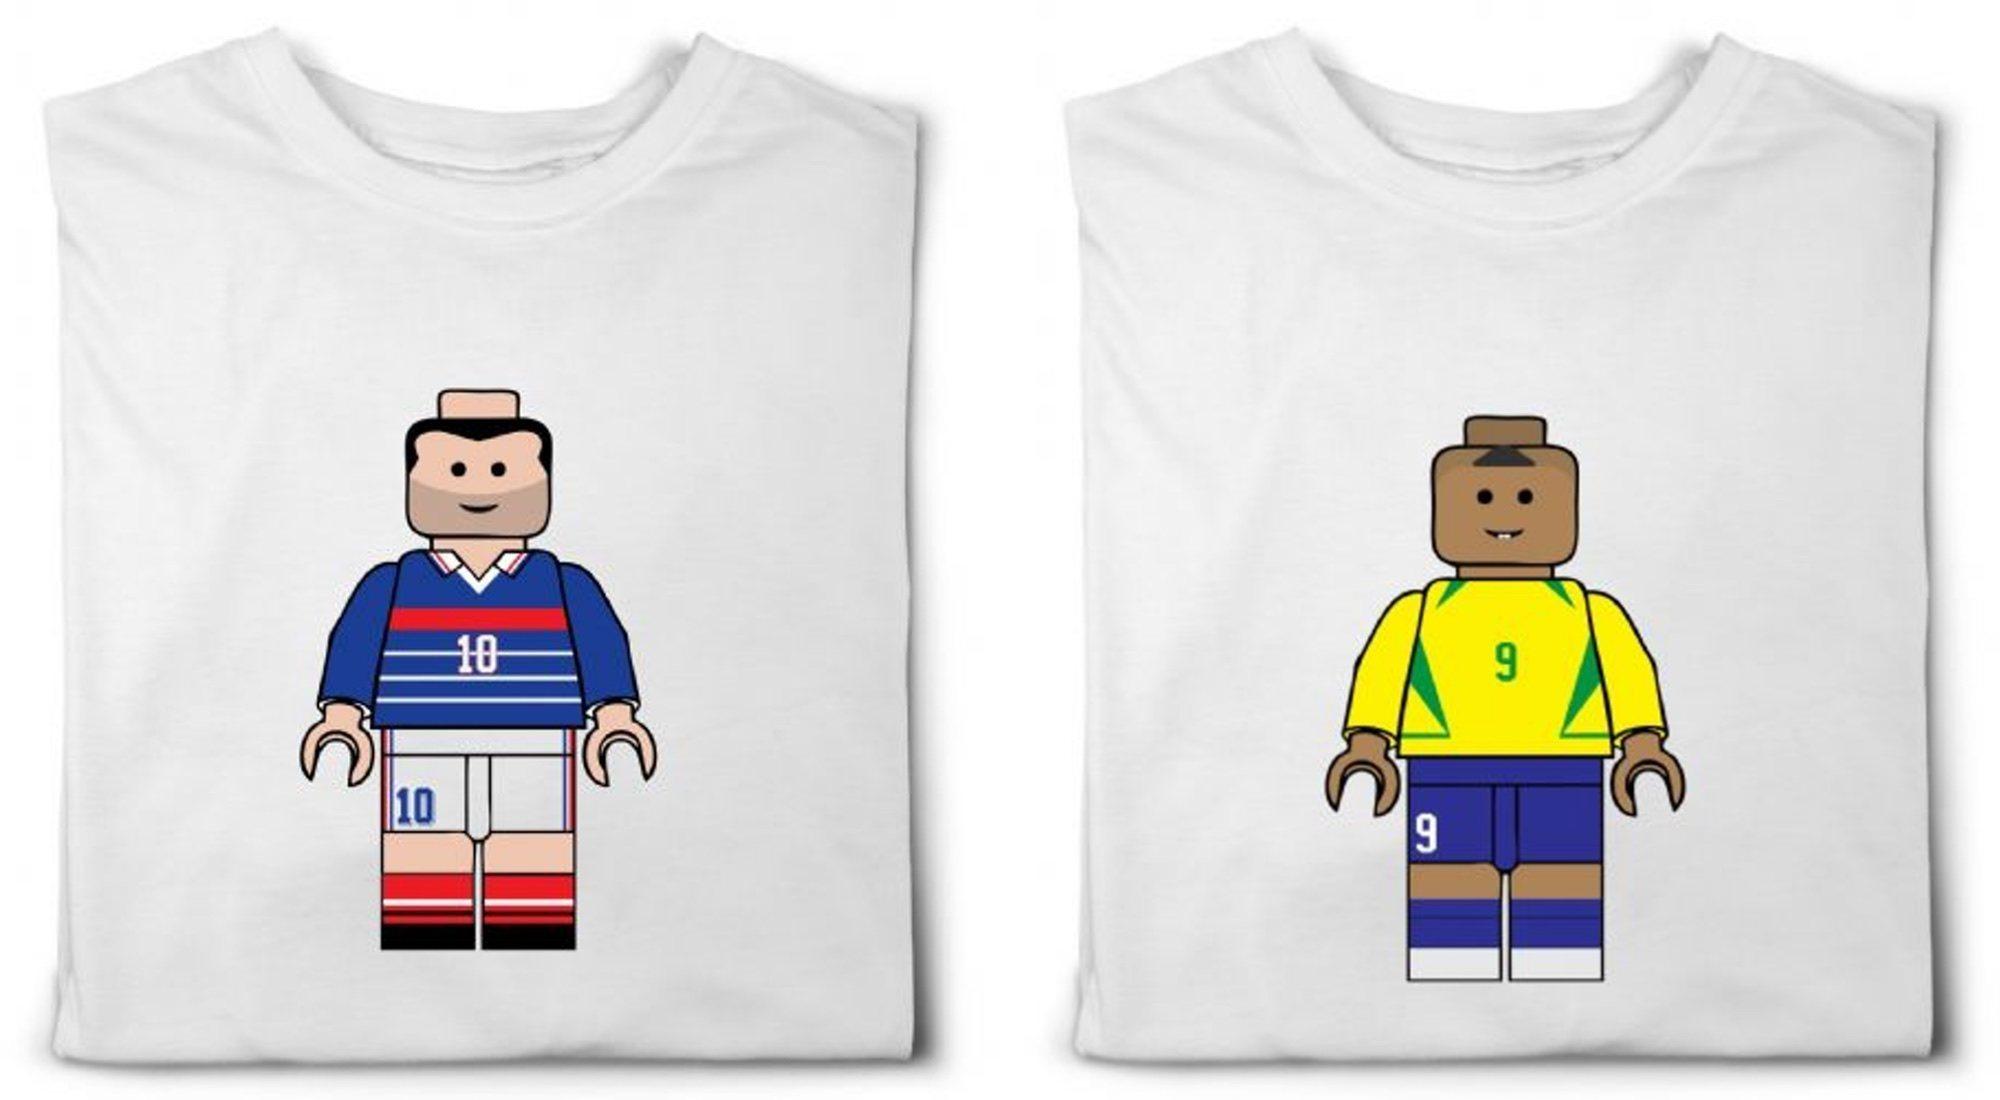 BrickBallers: las camisetas con la versión LEGO de futbolistas